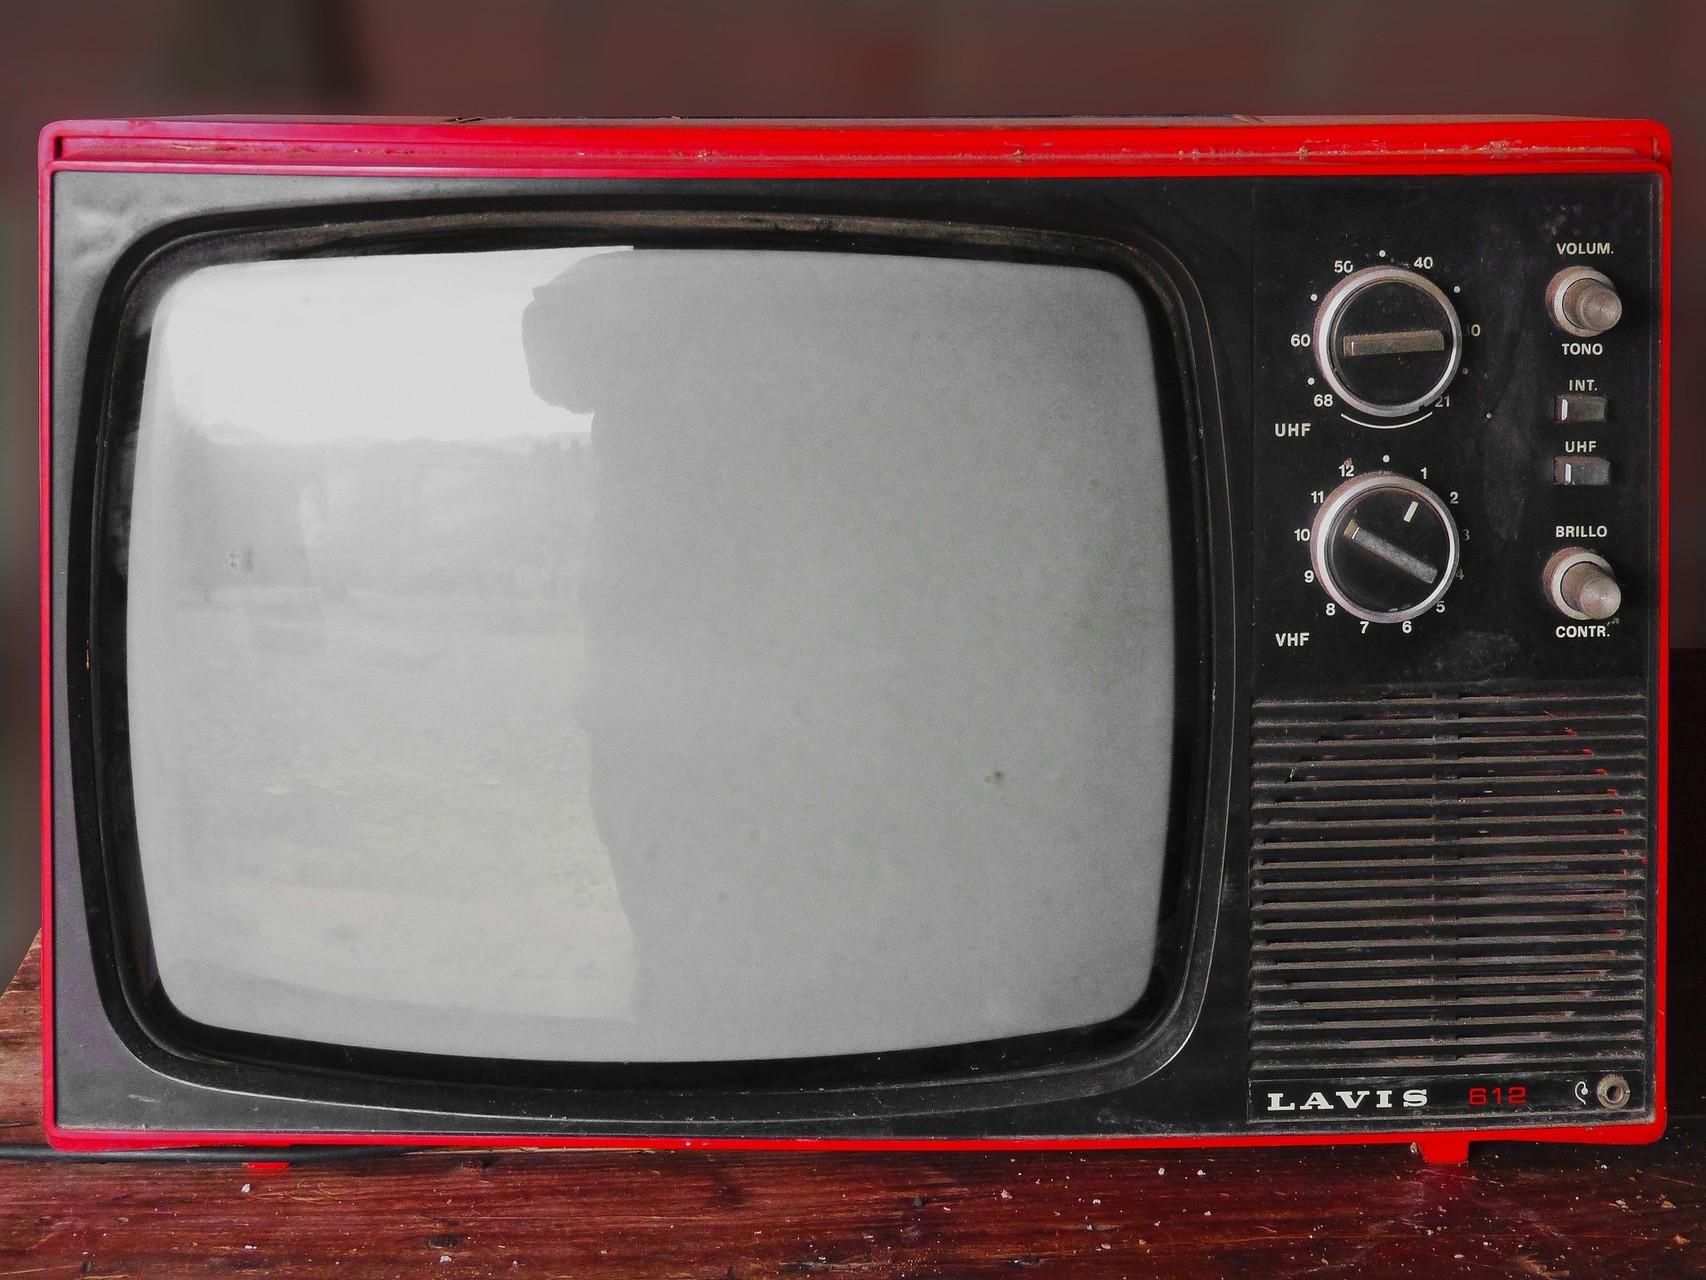 3. Am besten wäre es natürlich komplett auf Fernsehen zu verzichten. Ist dir dieser Schritt am Anfang zu radikal schalte den Fernseher nur noch dann ein, wenn etwas kommt, dass du wirklich sehen willst. Vermeide unnötiges Zappen zwischen den Programmen.